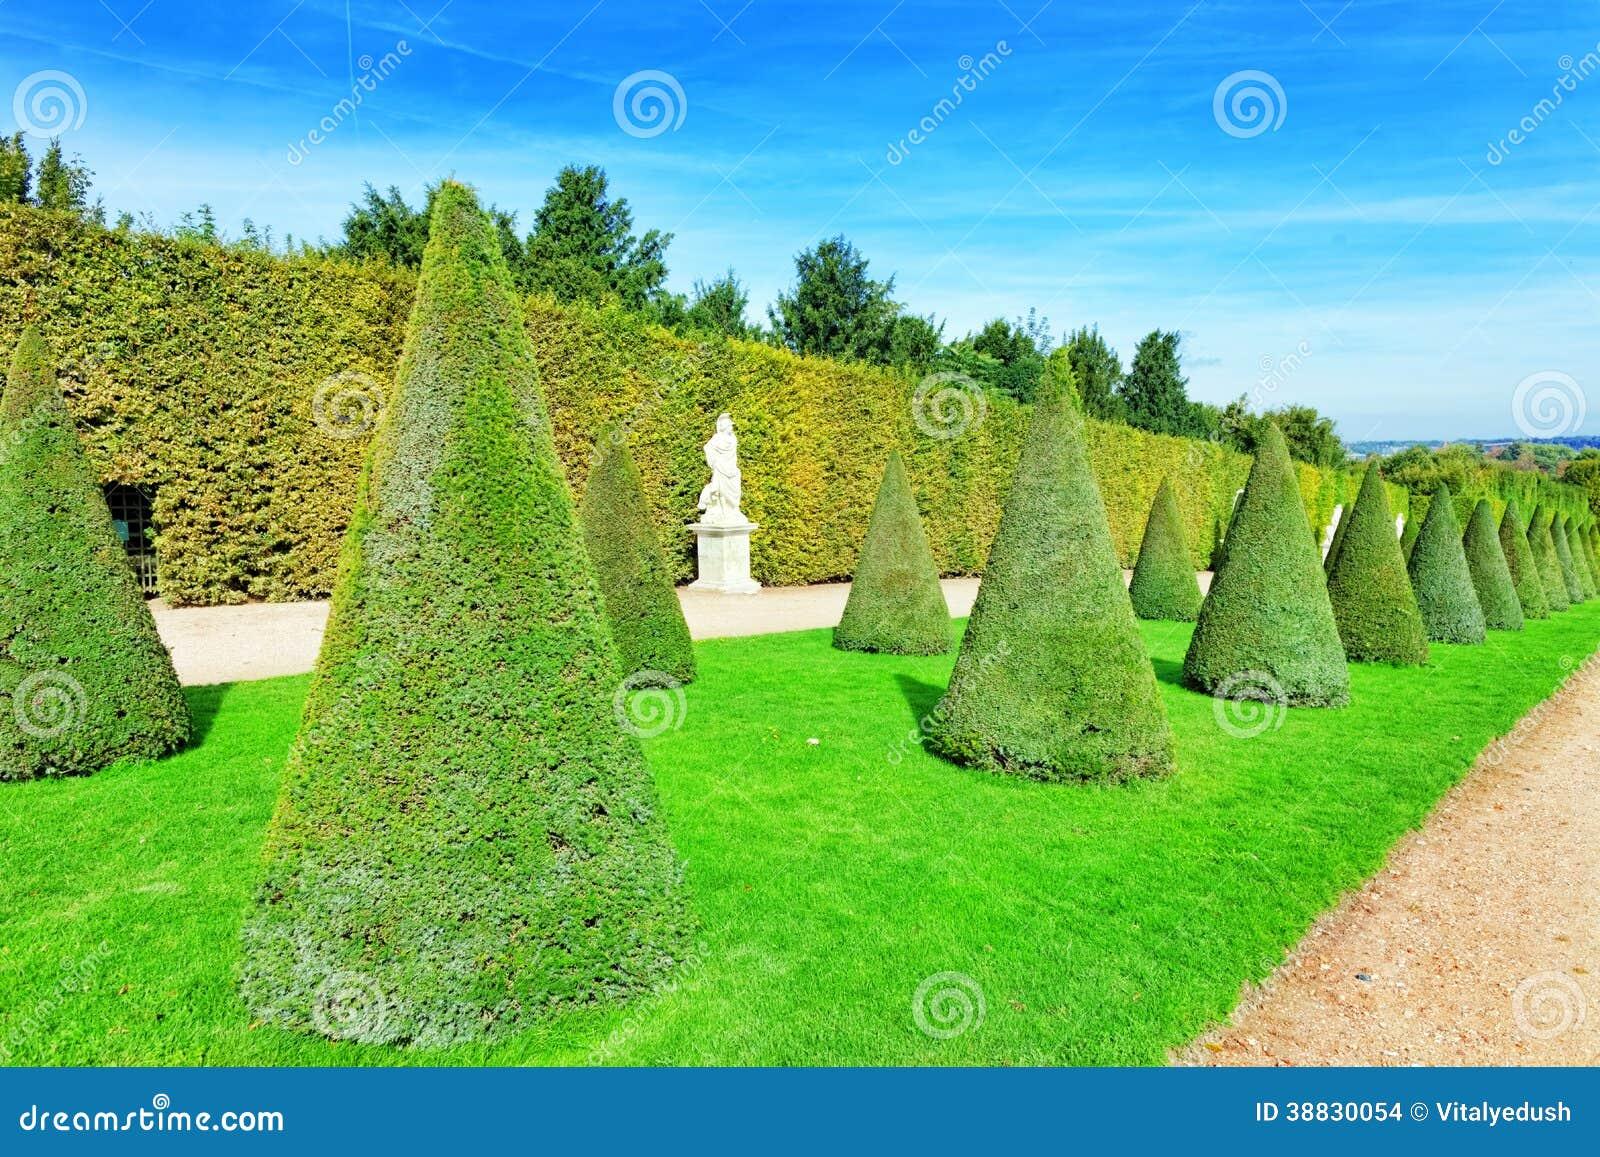 Mooie tuin in een beroemd paleis versailles stock foto afbeelding 38830054 - Tuin decoratie buitenkant ...